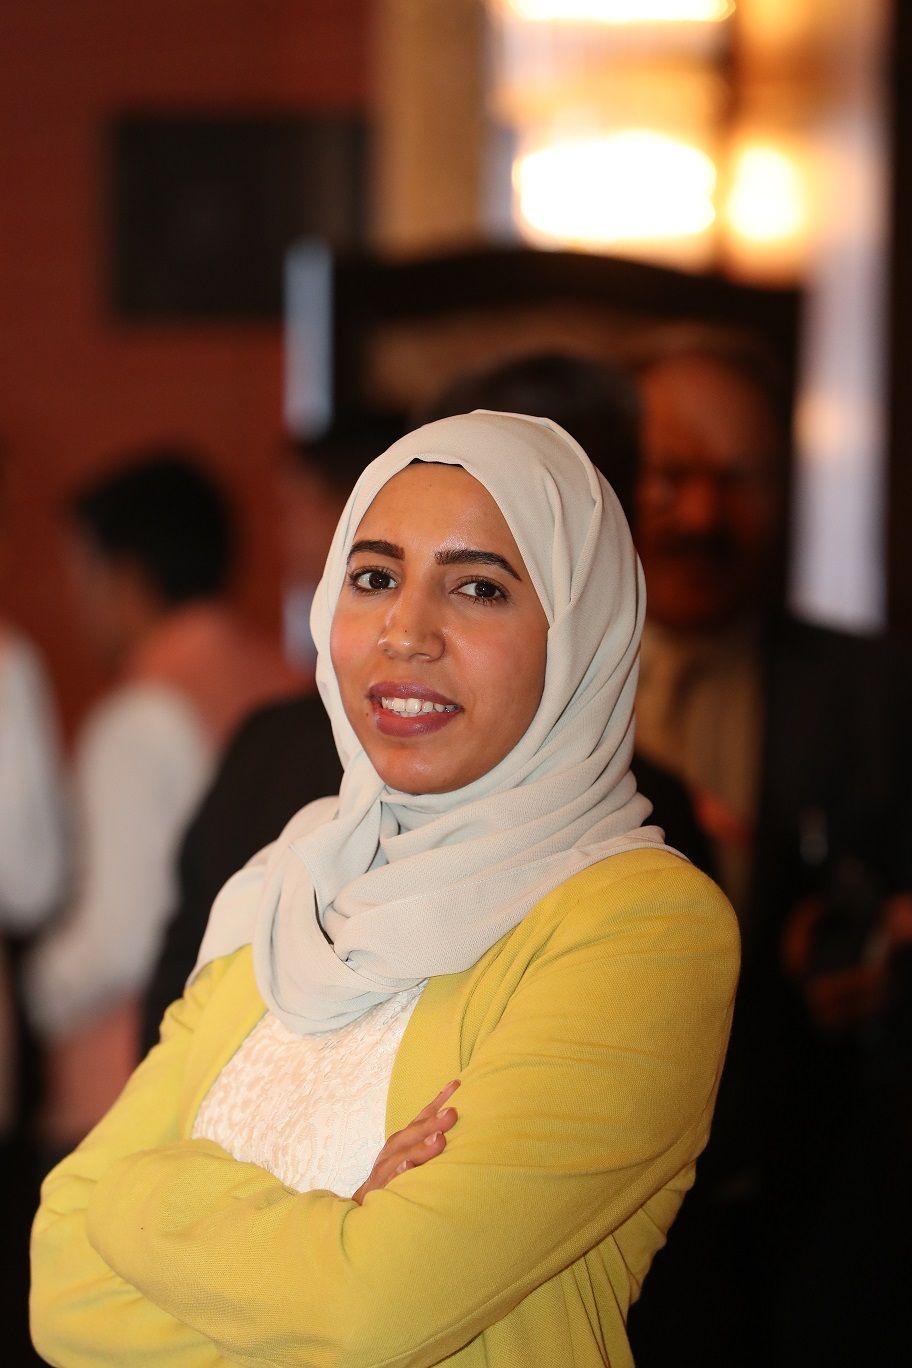 نساء يقدن التغيير في صناعة التكنولوجيا في الشرق الأوسط